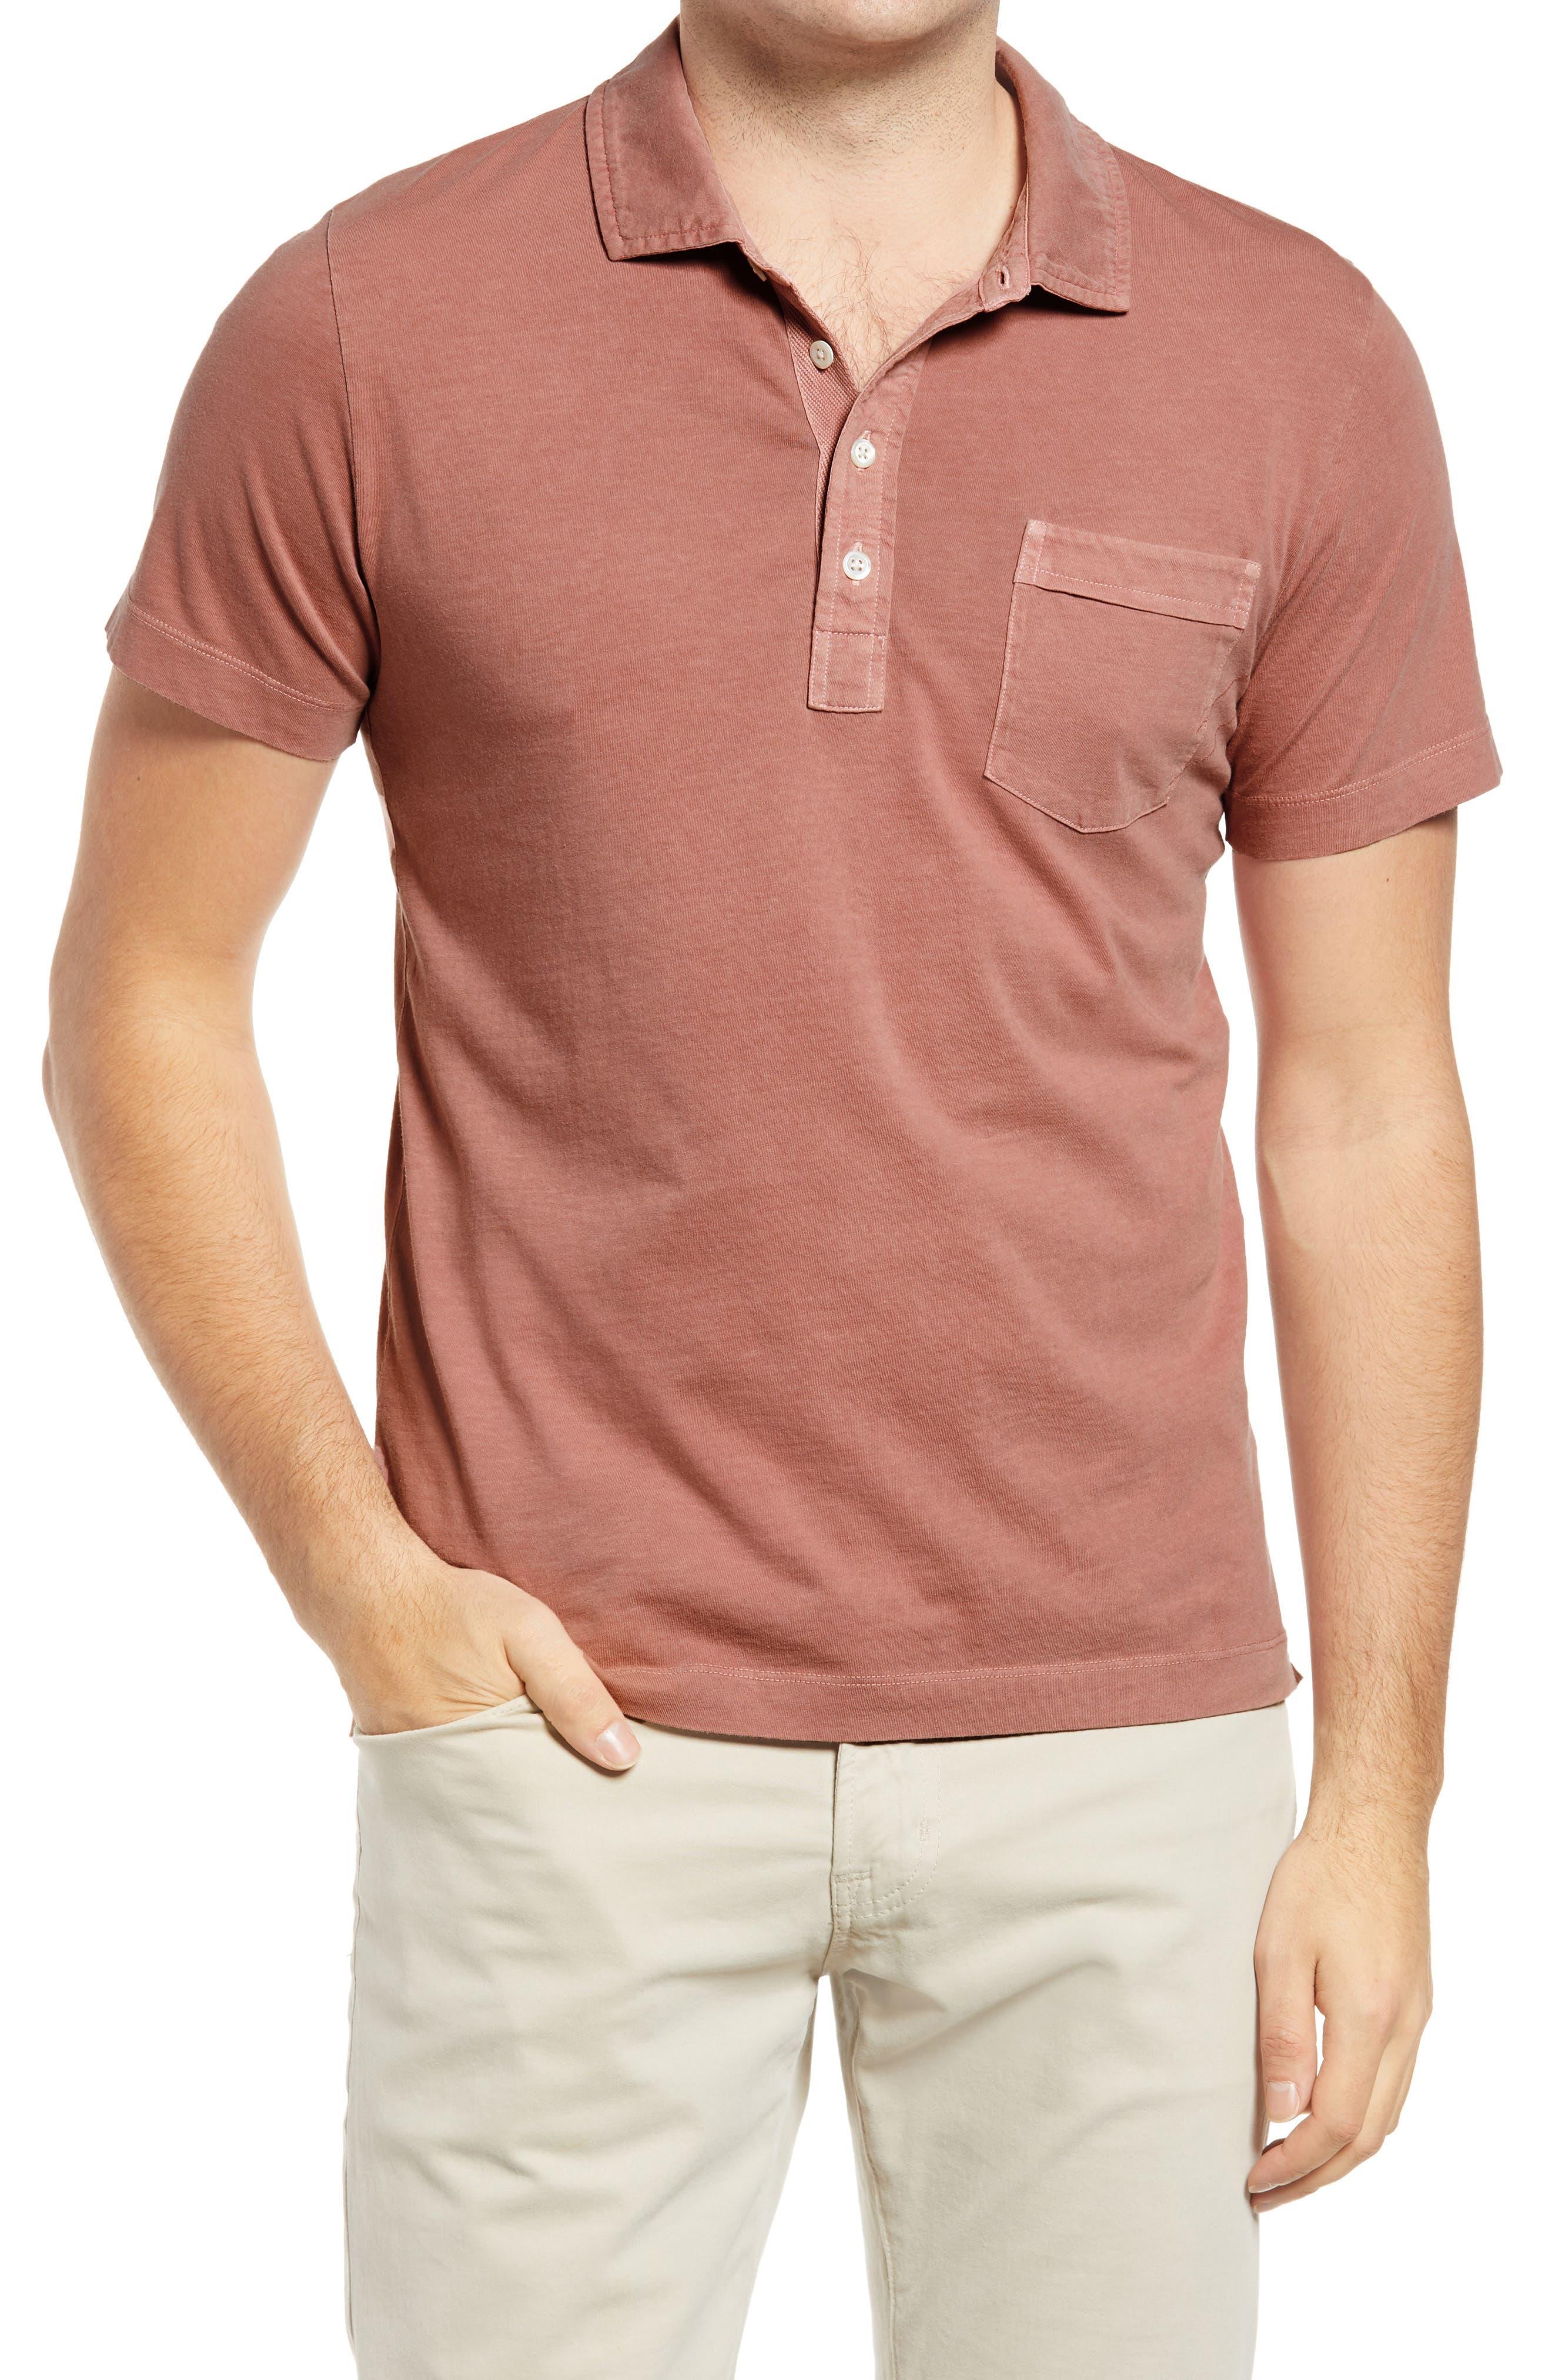 Pensacola Solid Cotton Polo Shirt